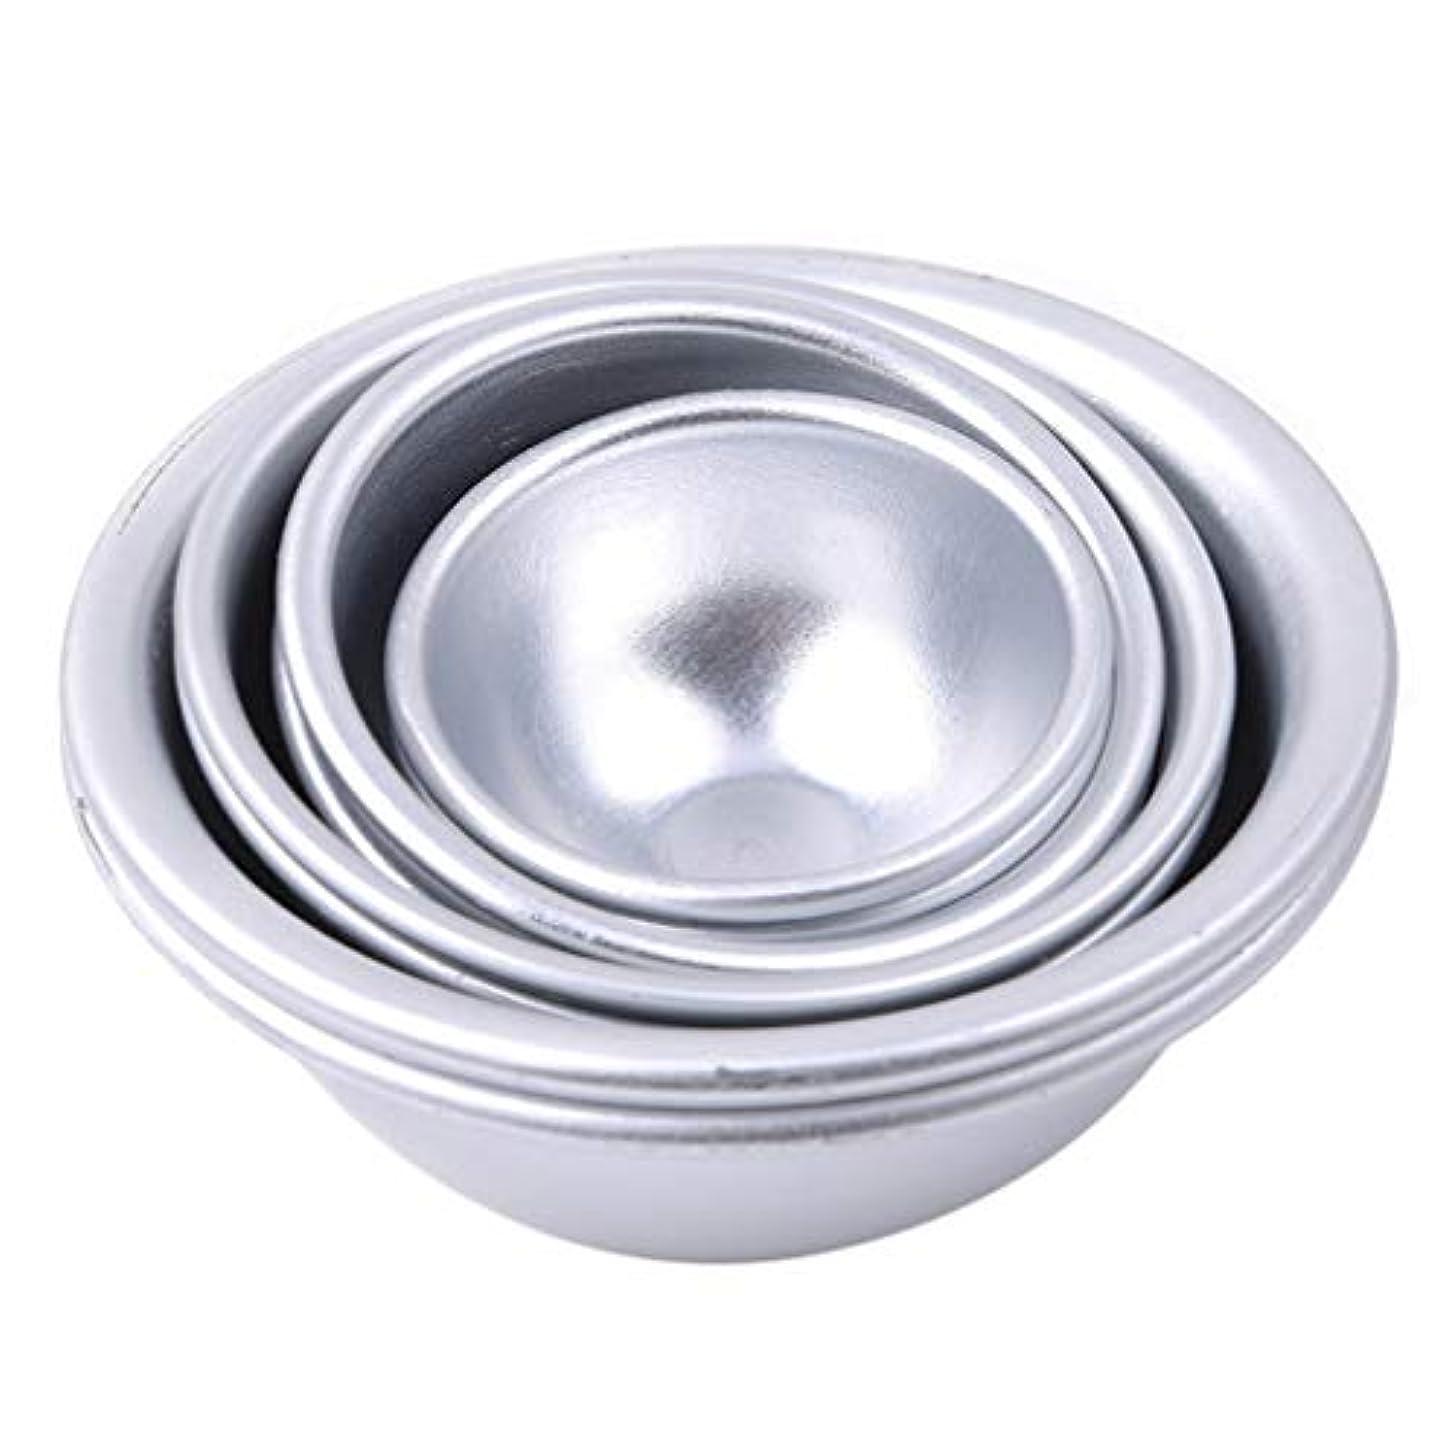 最後の警戒約設定Toporchid Diy風呂ボール型アルミ合金入浴ボール手作り石鹸ケーキパンベーキングモールドペストリー作りツール(style2)